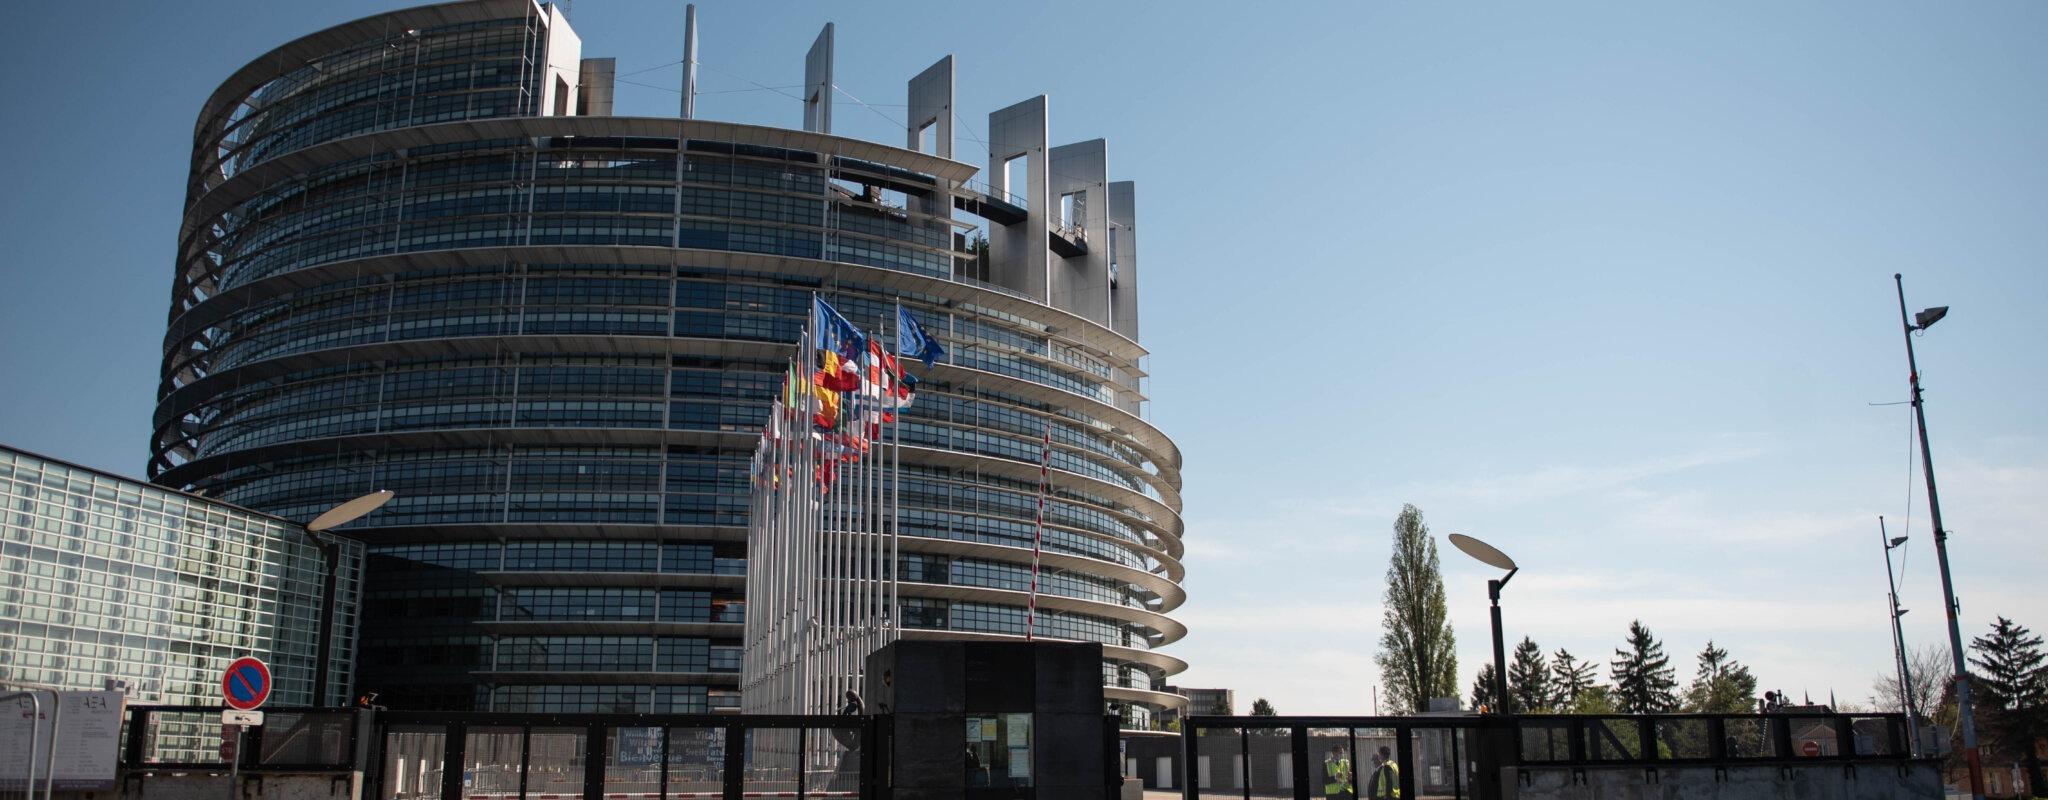 À Strasbourg, une poignée d'élus garde en fonction le Parlement européen lors des sessions